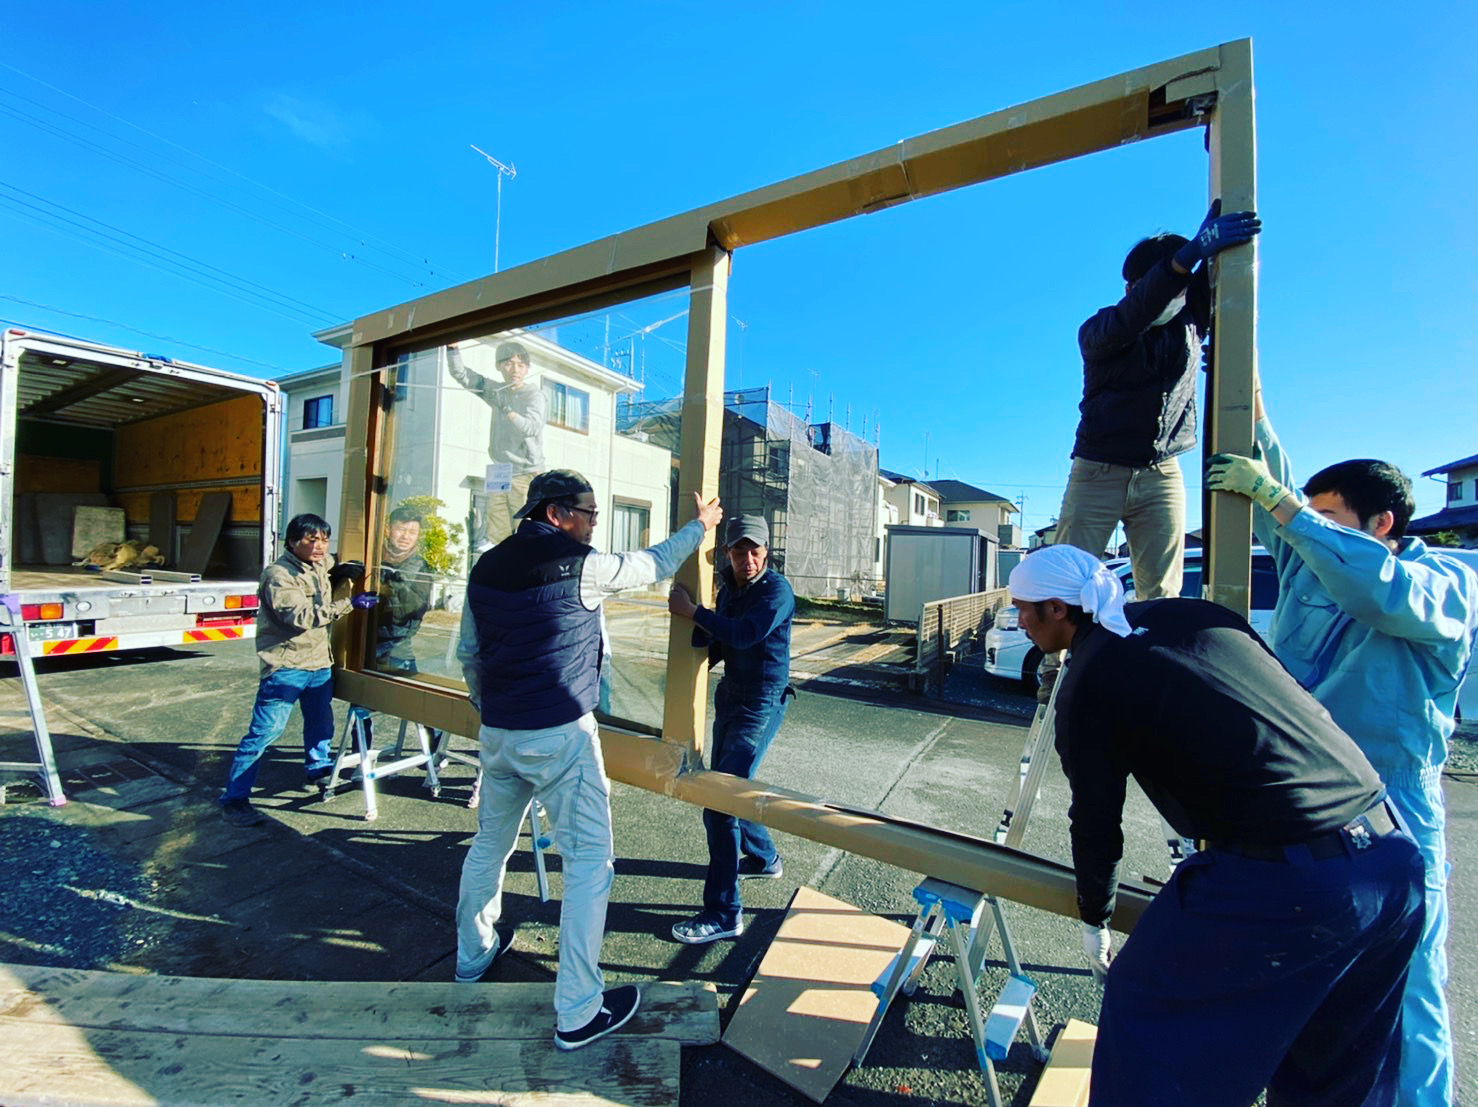 スタッフ杉山のマイホーム! その3 木製サッシ搬入!_c0180474_2113439.jpg